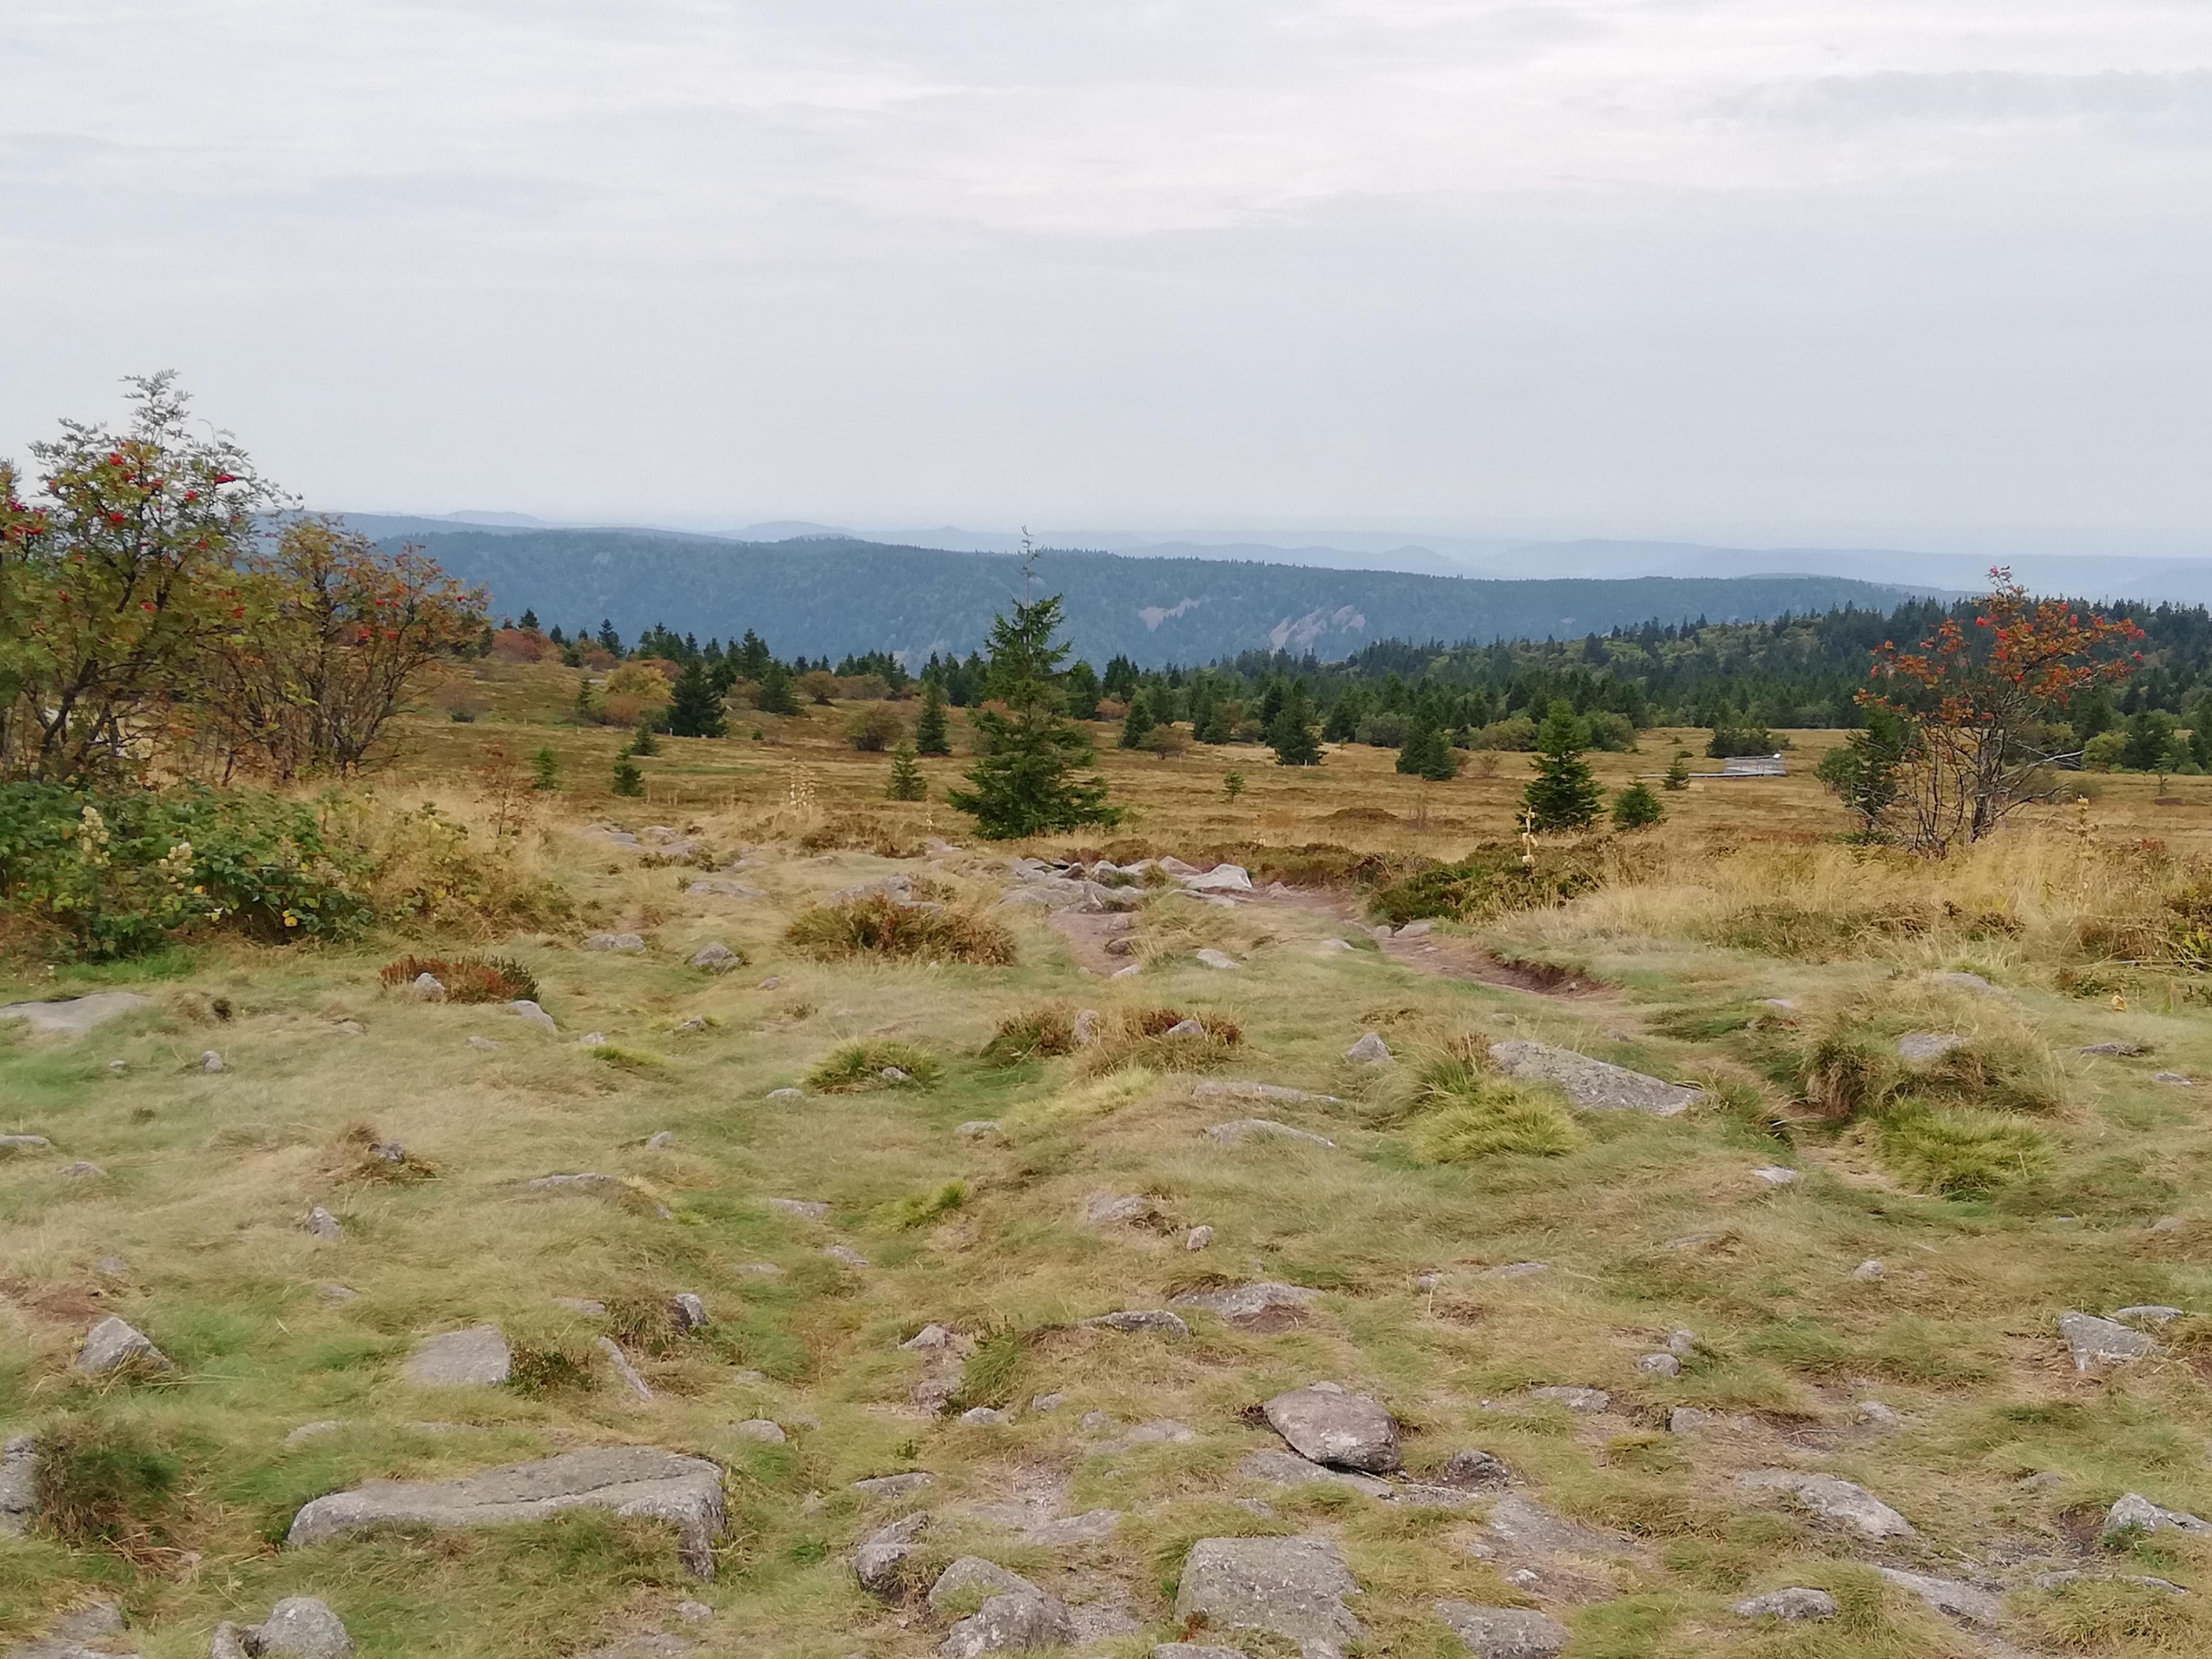 Auf dem Gipfelkamm in den Vogesen verläuft die deutsch-französische Grenze. Foto: Lina Rees